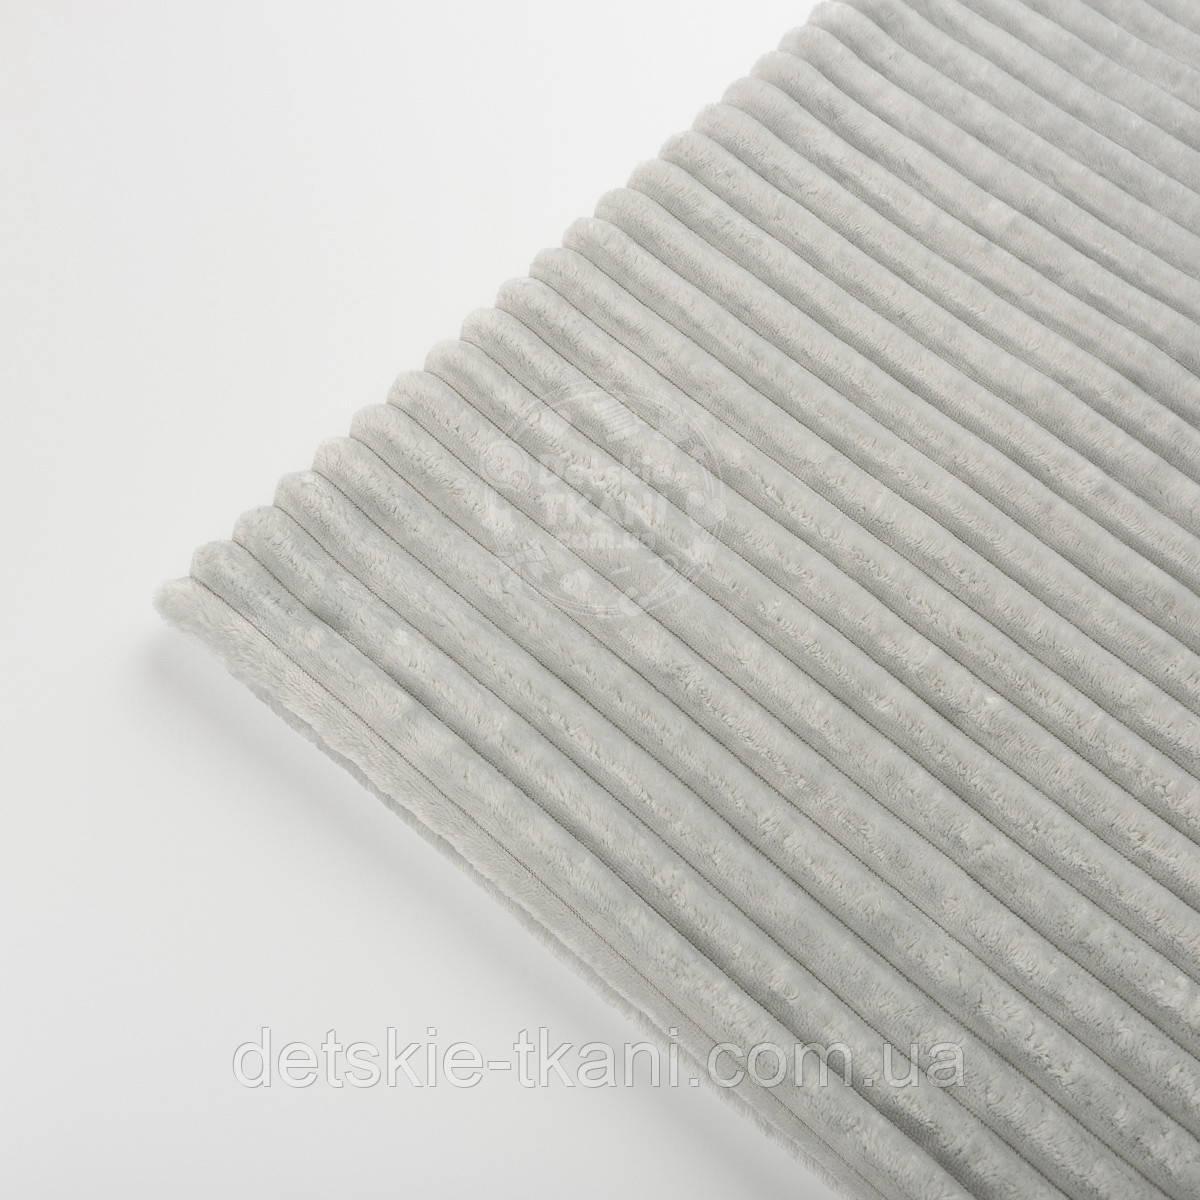 Лоскут плюша minky stripes светло-серого цвета, размер 40*160 см